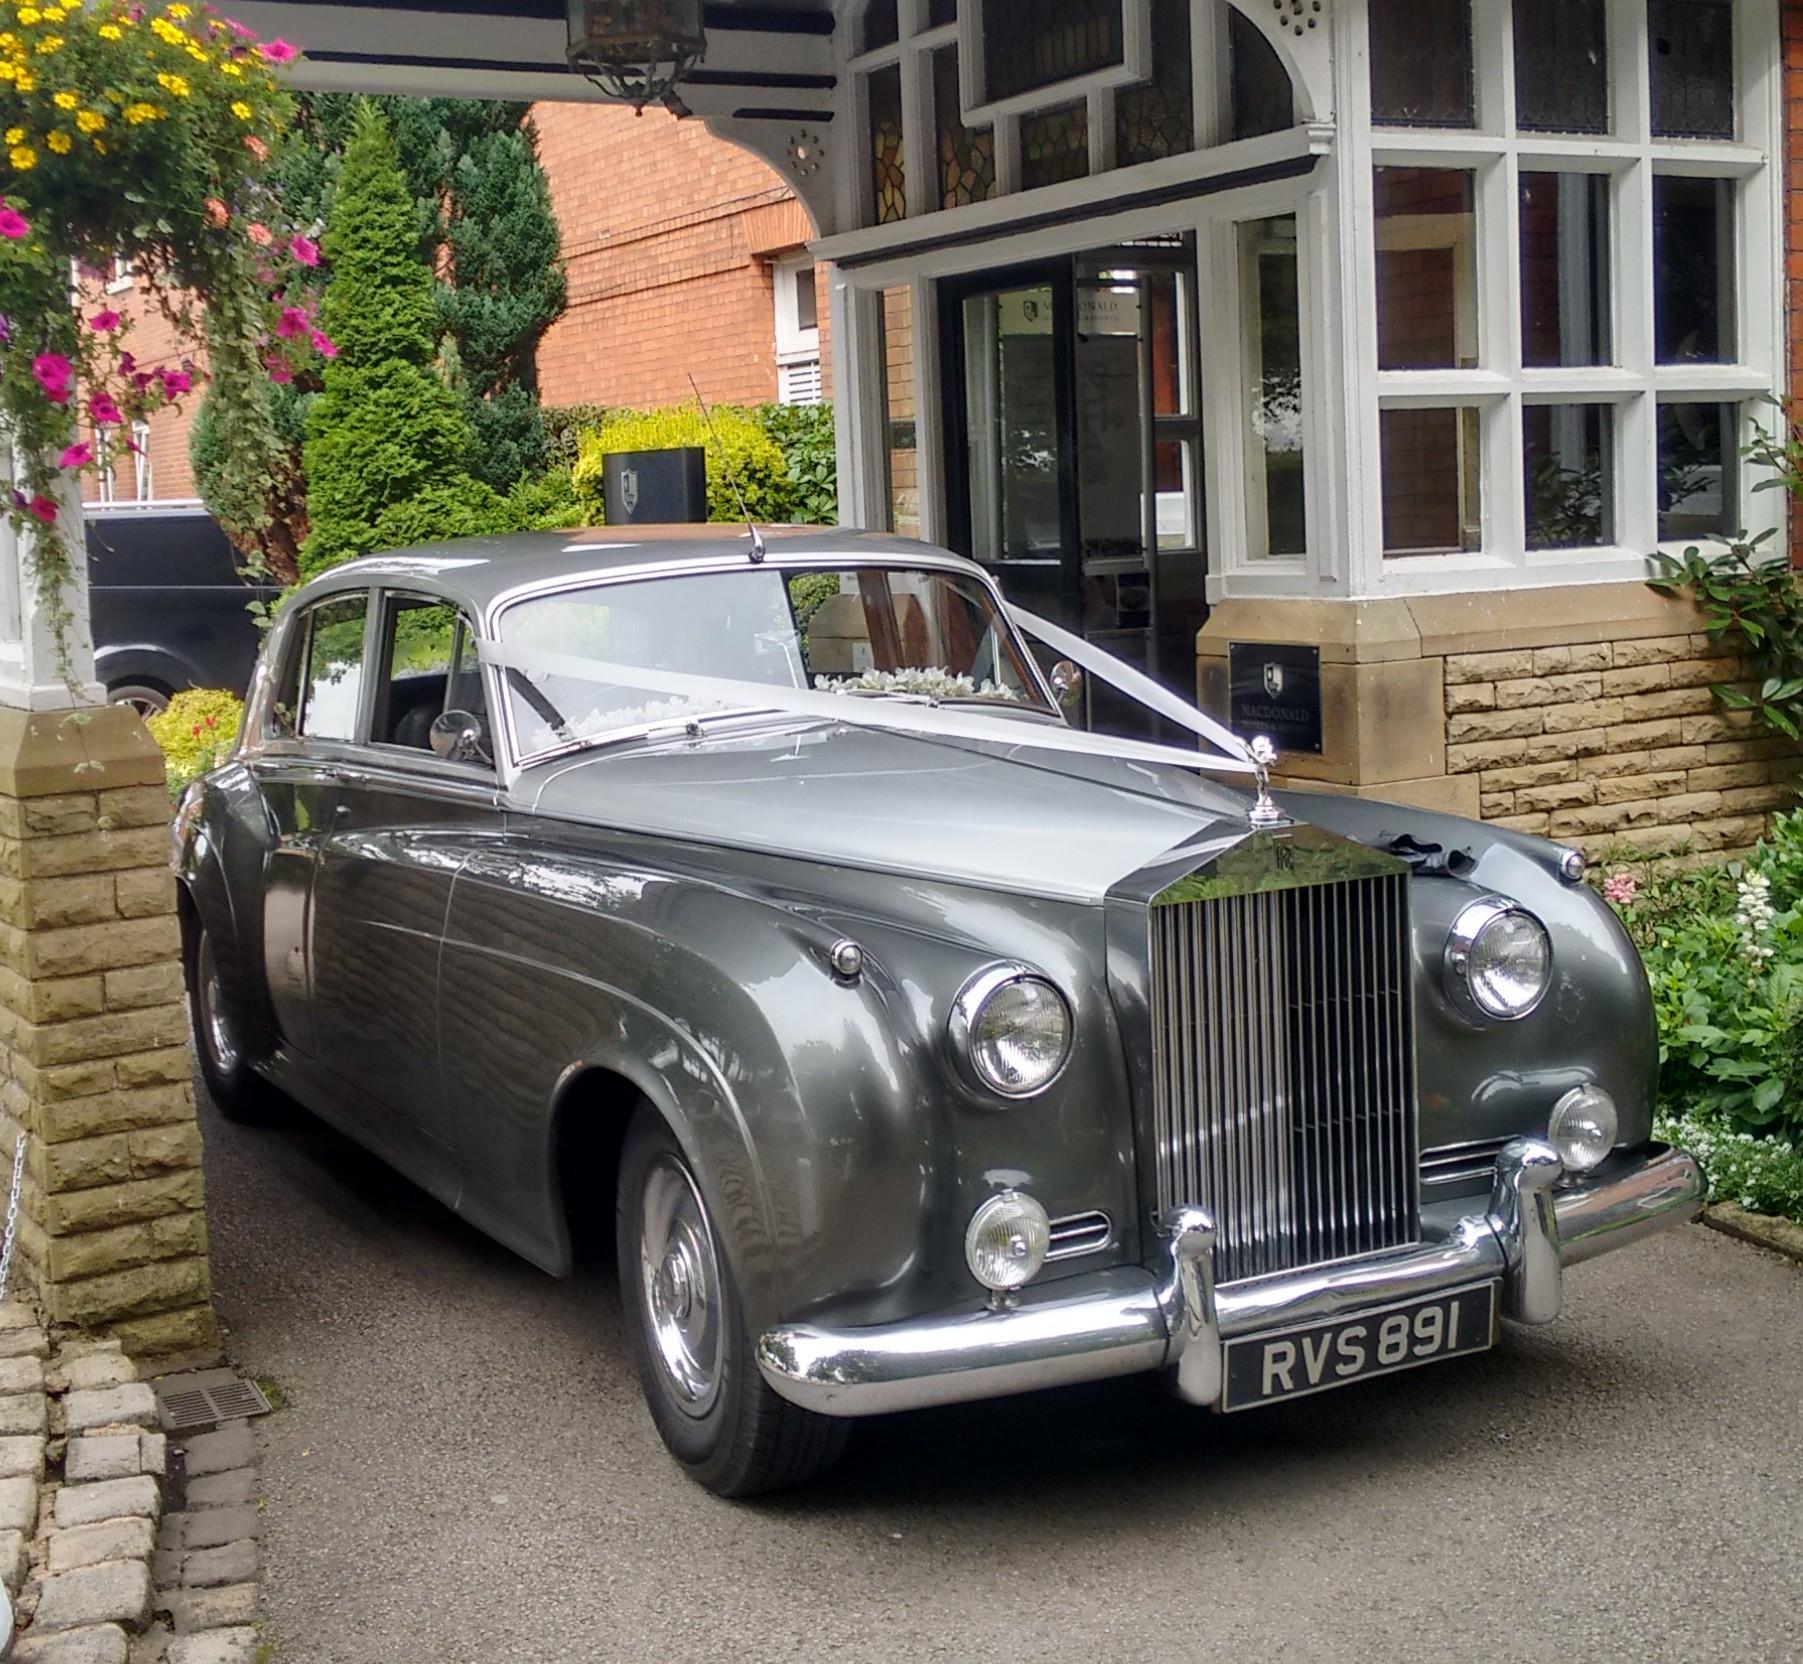 Rolls royce wedding car in wigan elegance wedding cars for Rolls royce motor cars